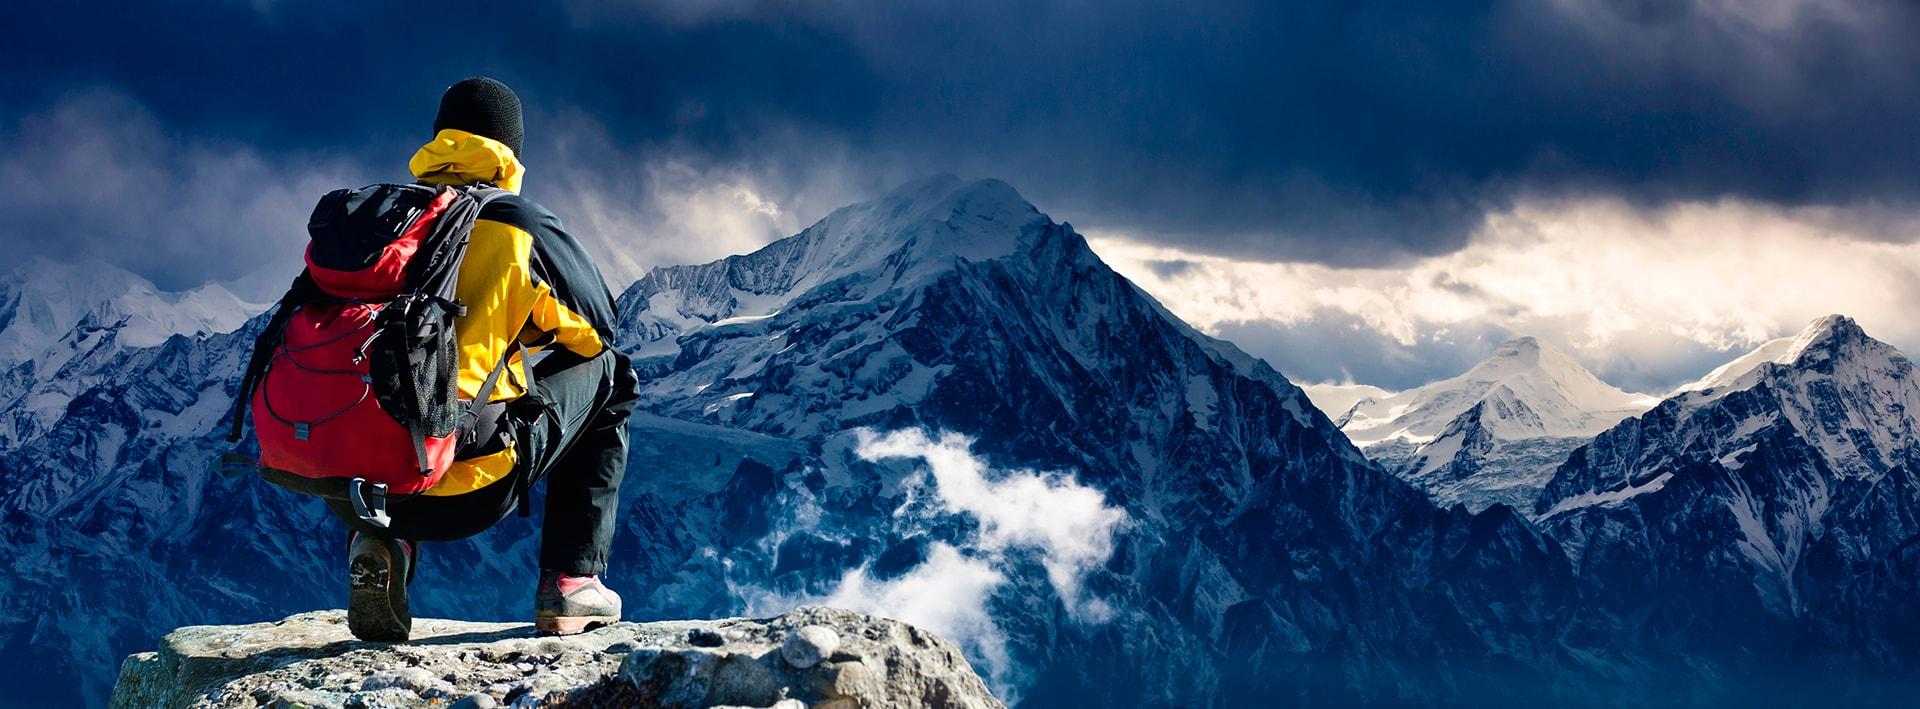 BPM für Compliance- und Risikomanagment - Mann auf Berggipfel